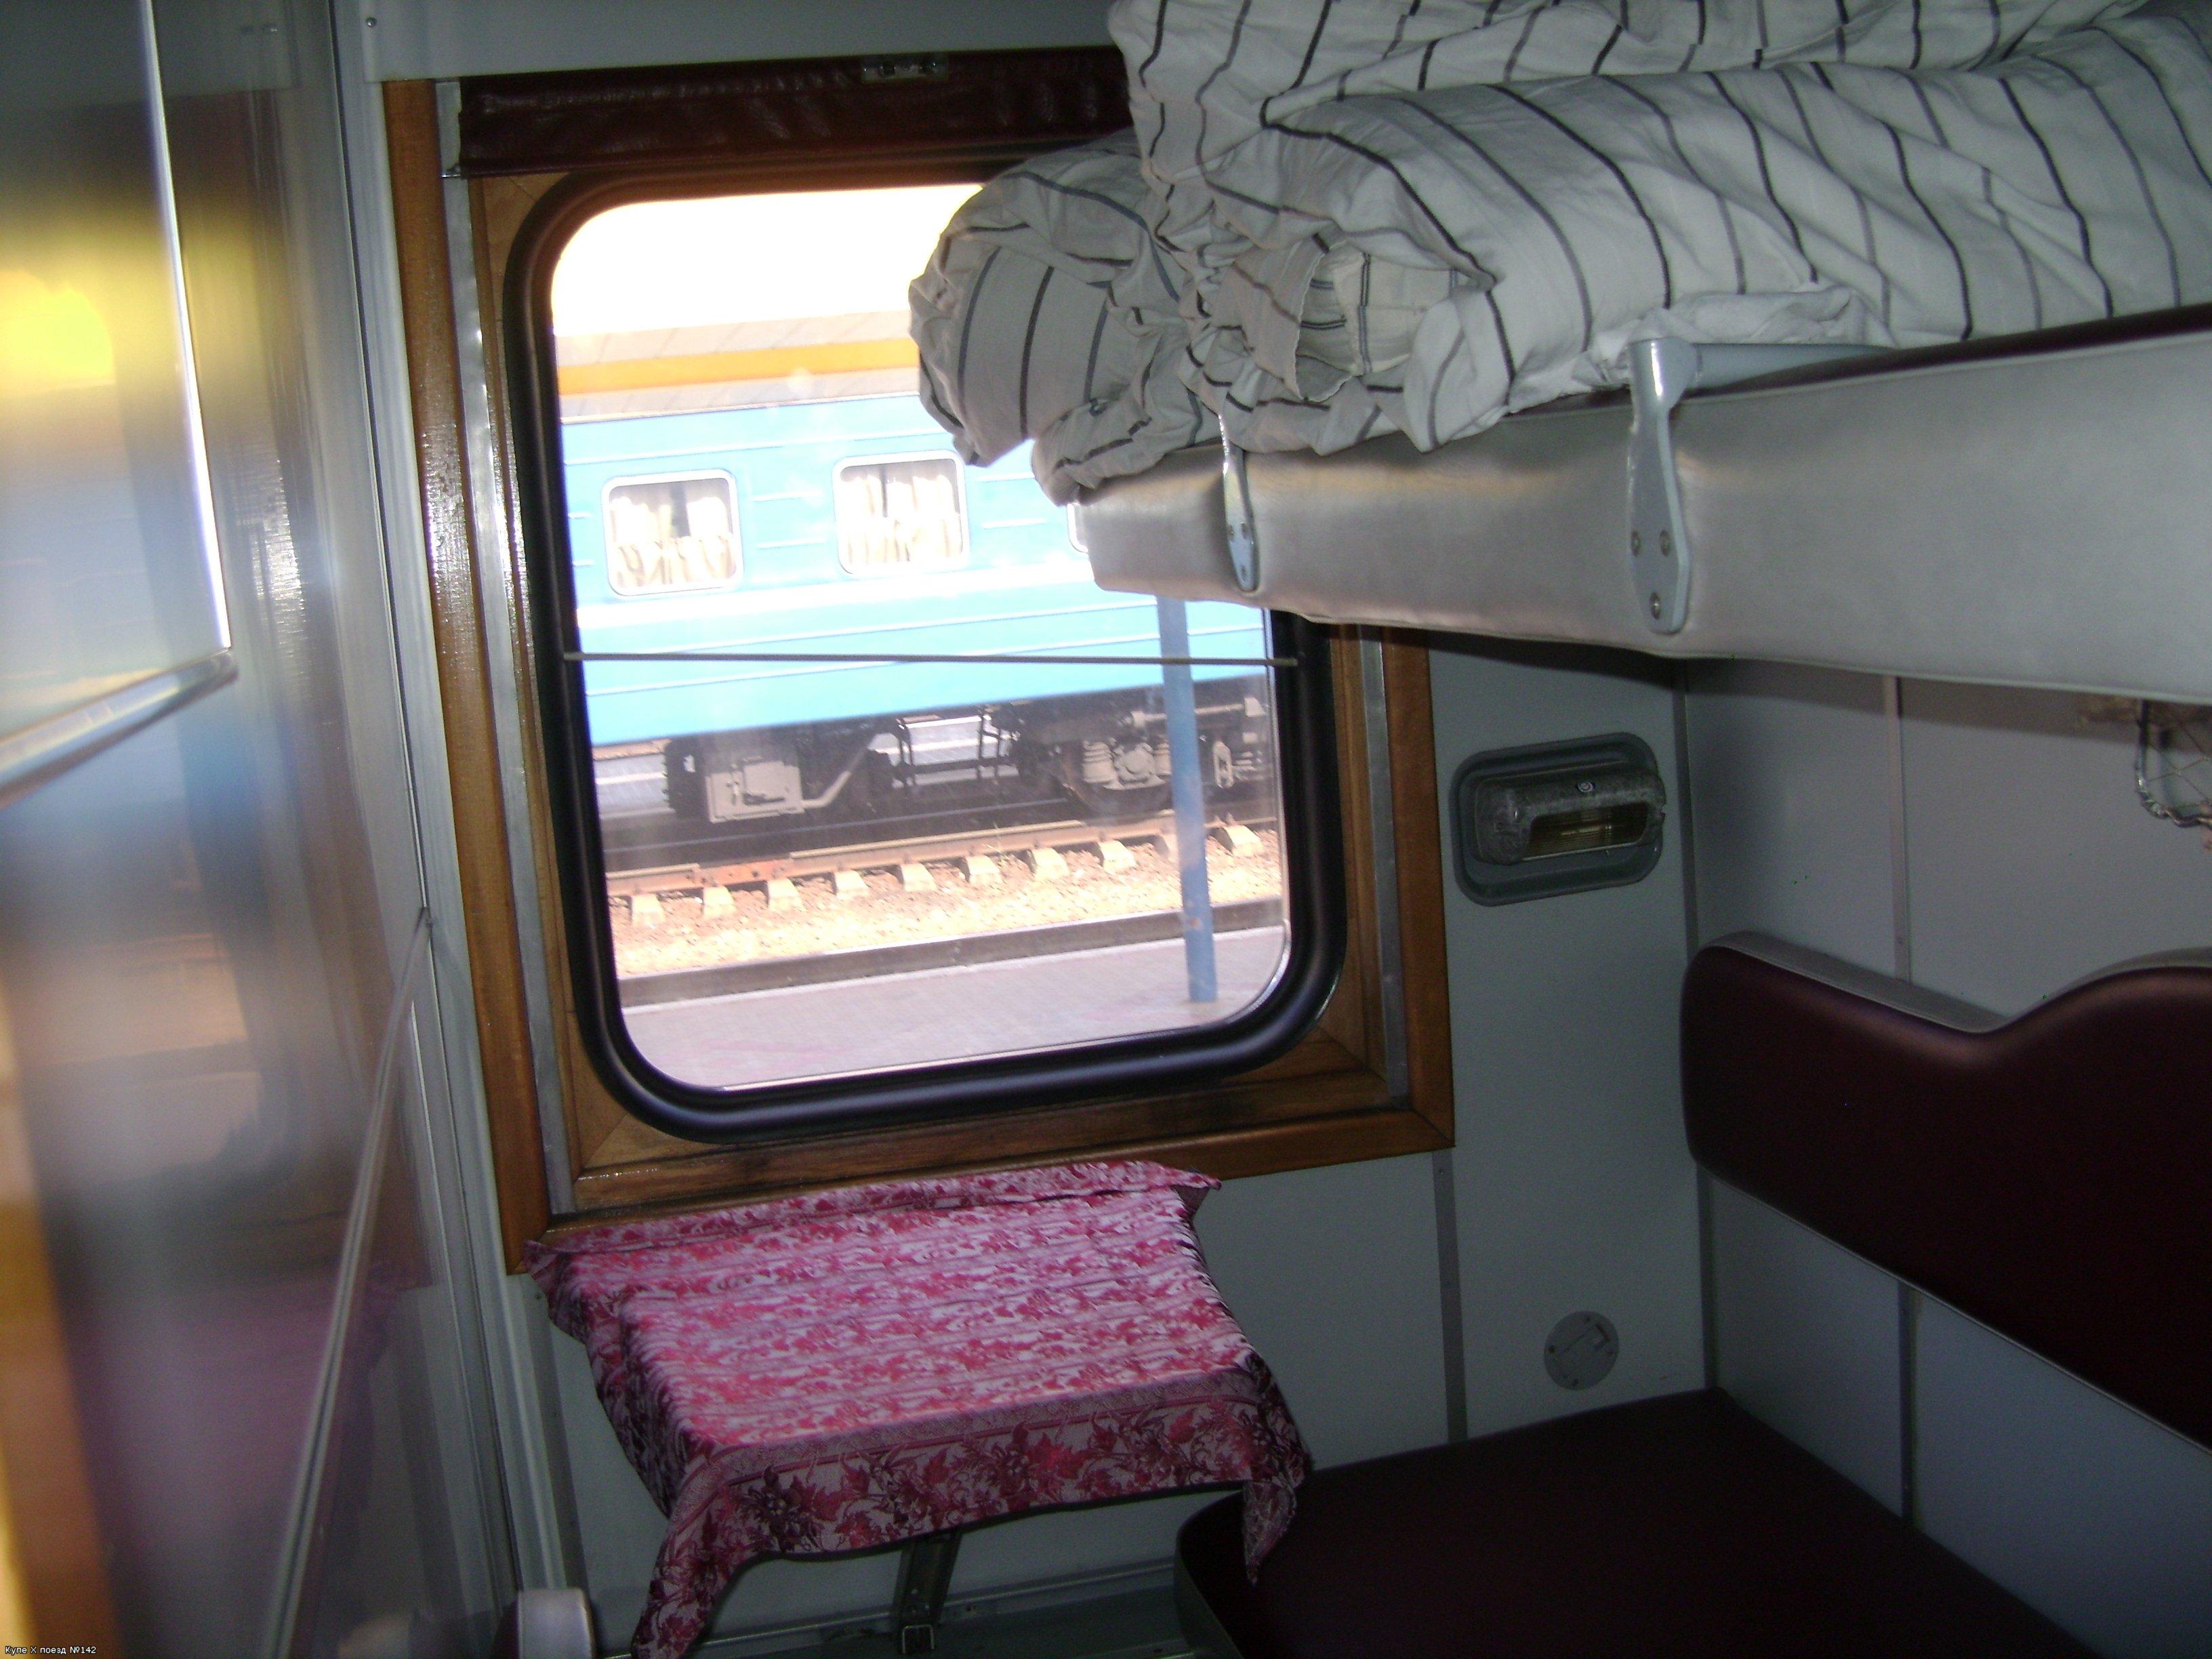 Аварийные окна в плацкартном вагоне схема фото 766